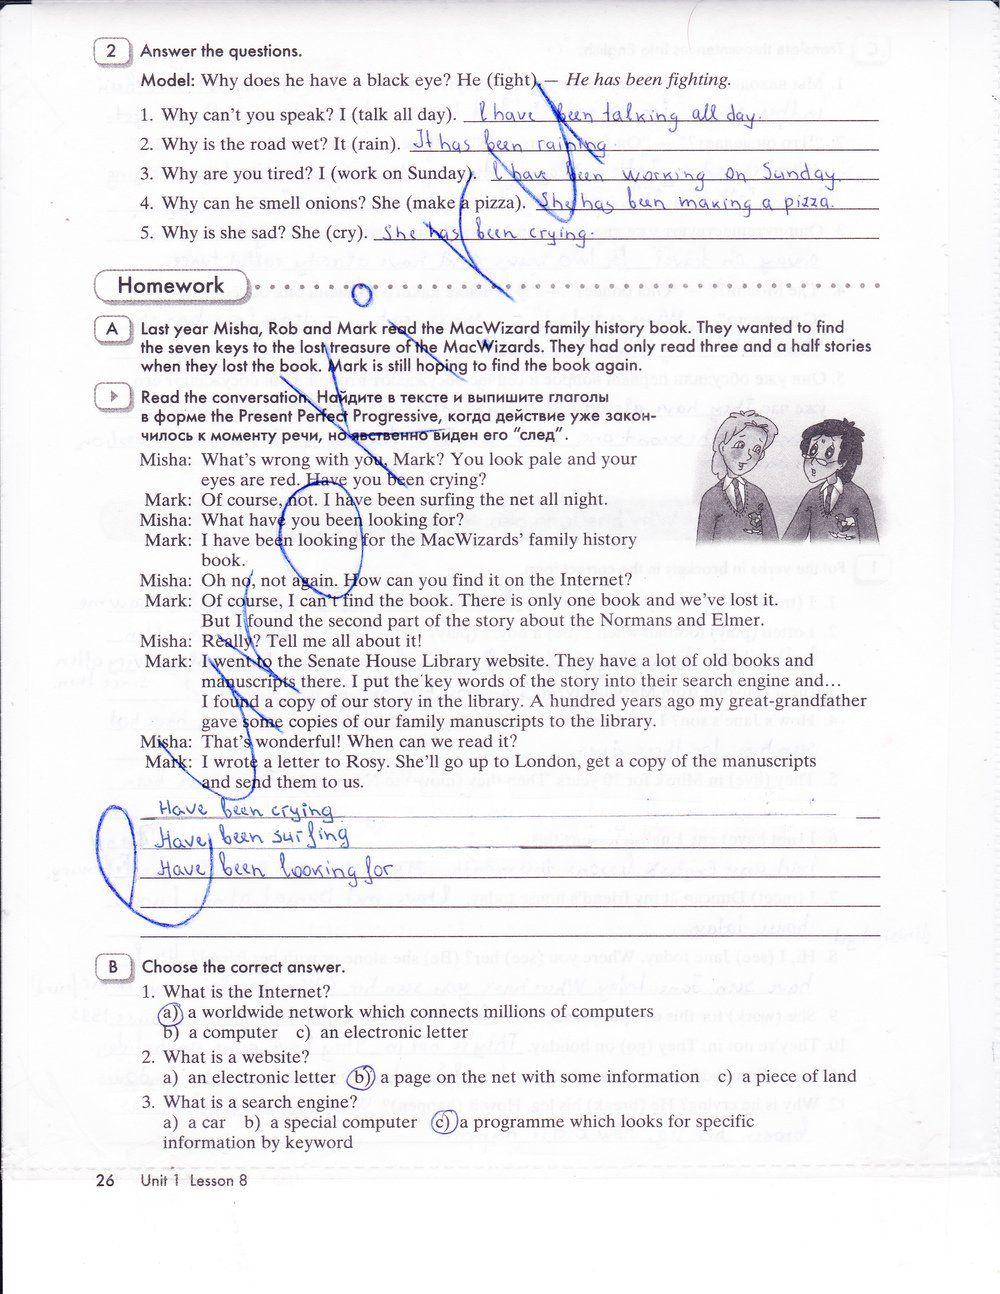 Скачать диагностическую контрольную работу английский язык 10-11 классы